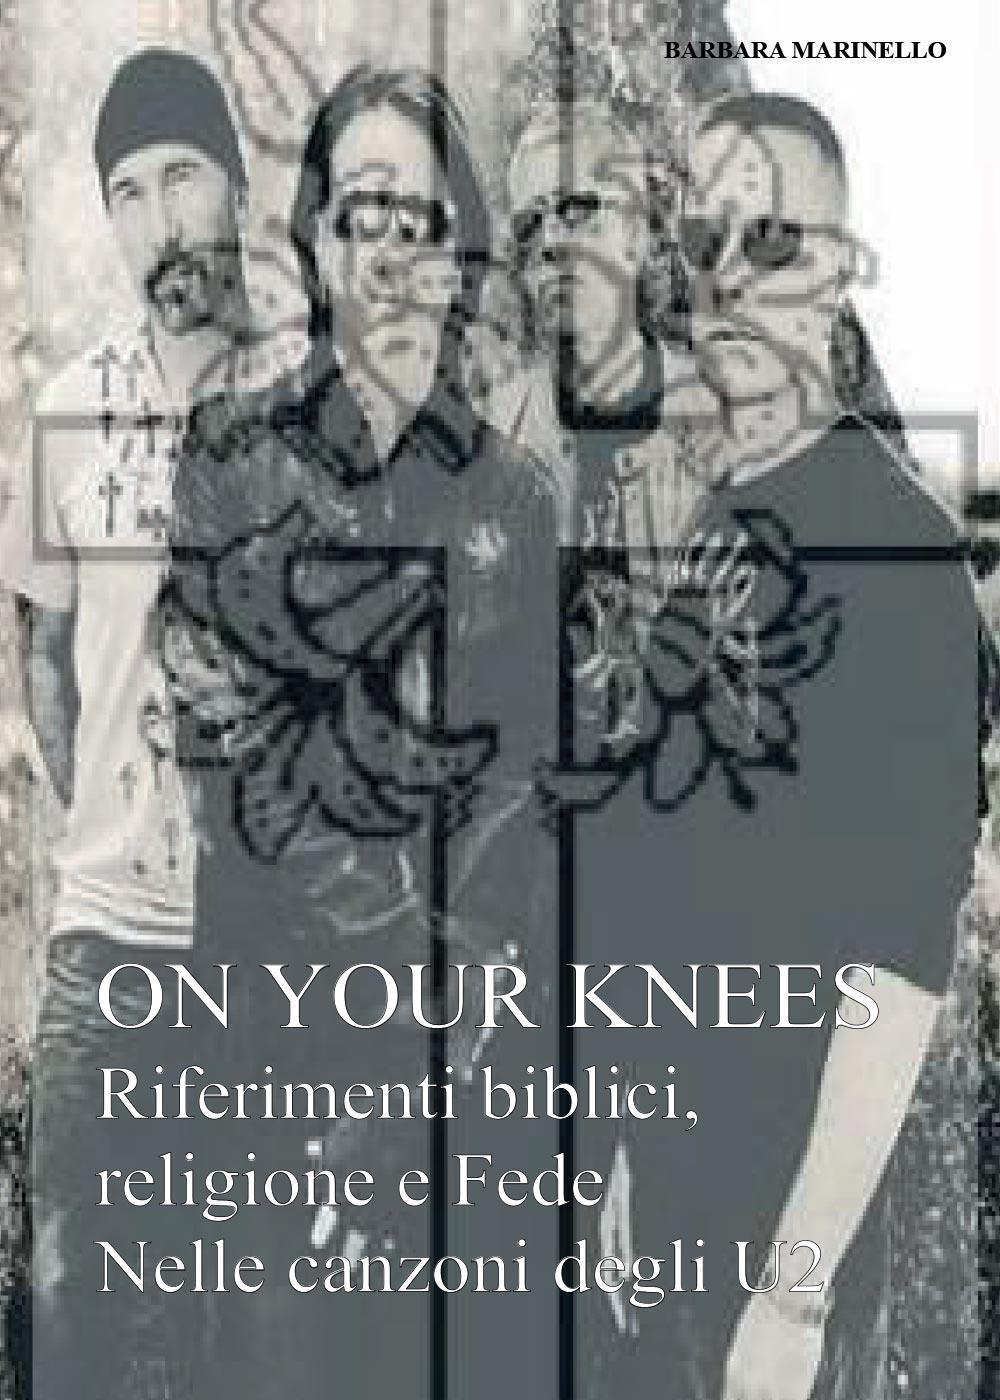 On Your Knees - Riferimenti biblici religione e fede nelle canzoni degli U2